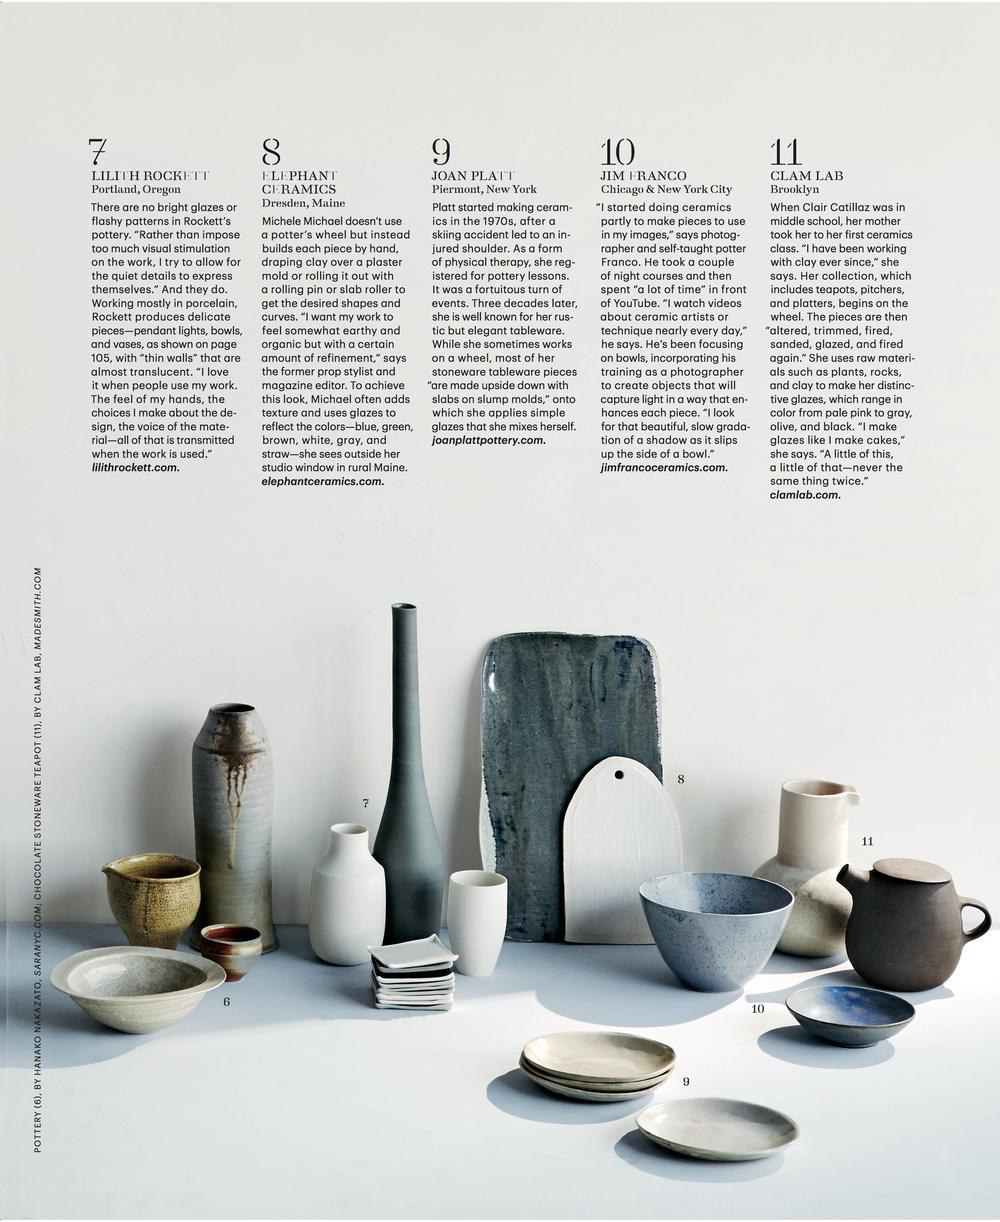 101_Ceramics_L0614WELDF.jpg